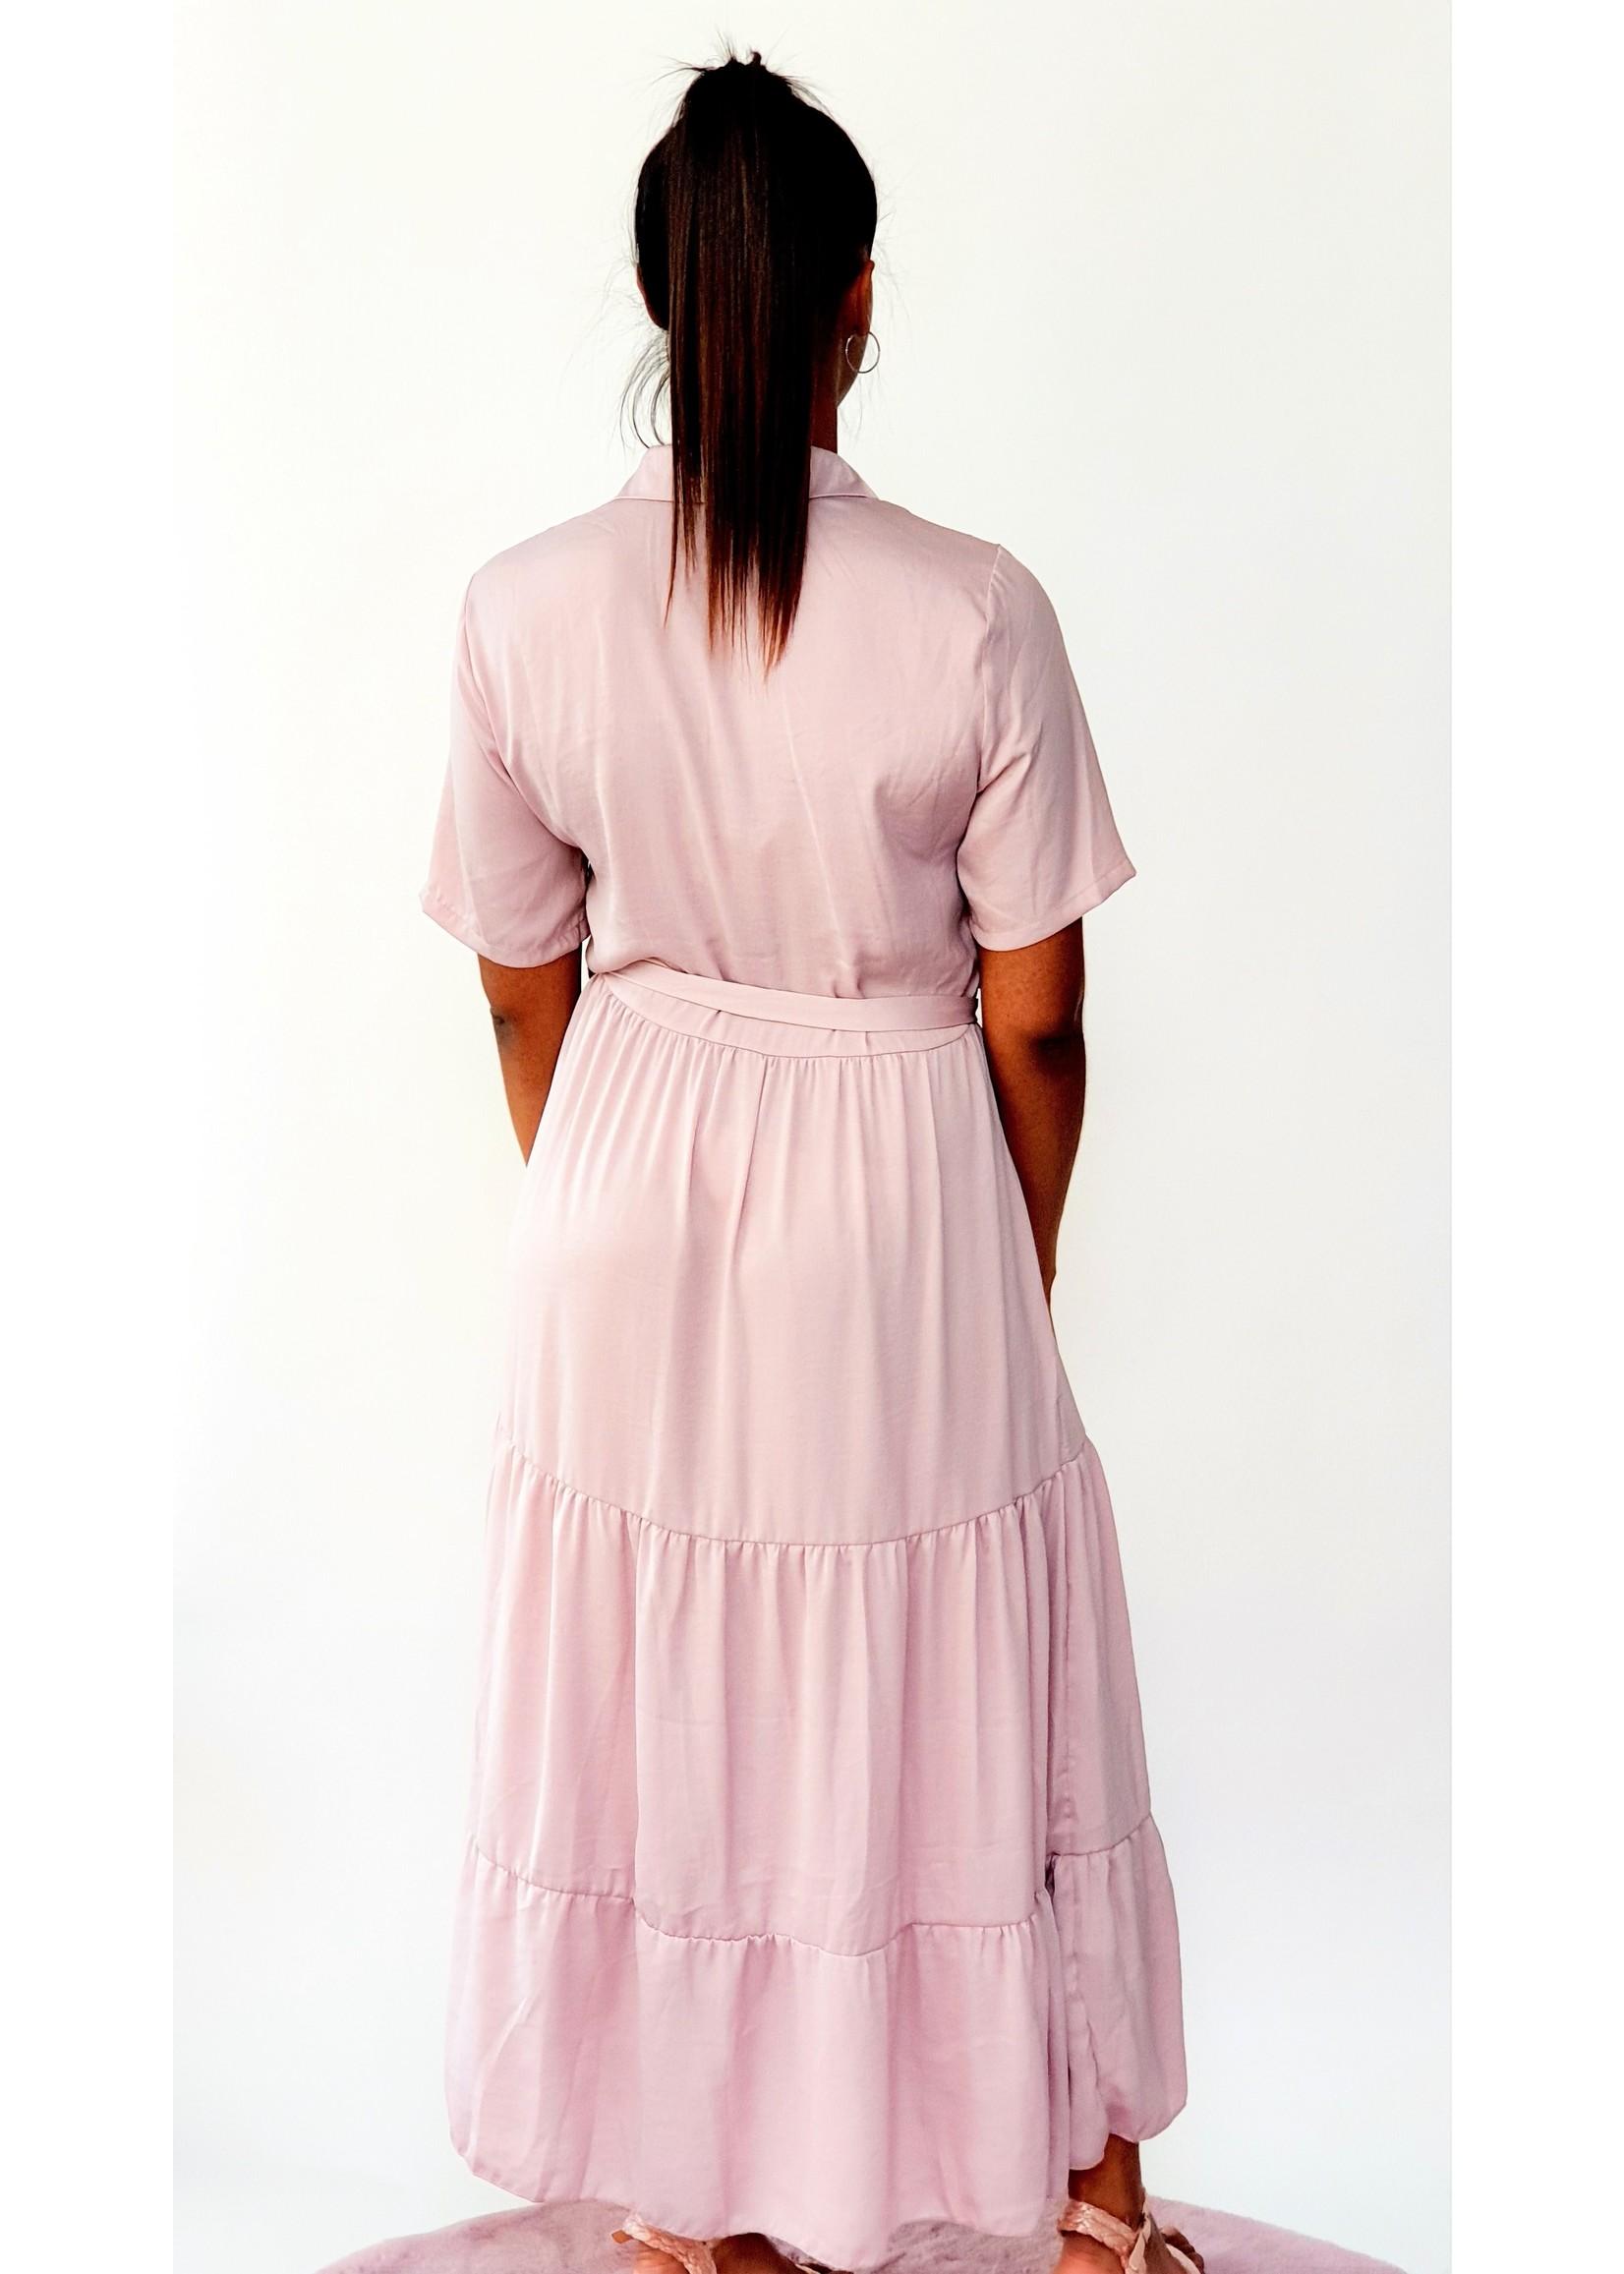 Thé soft pink dress